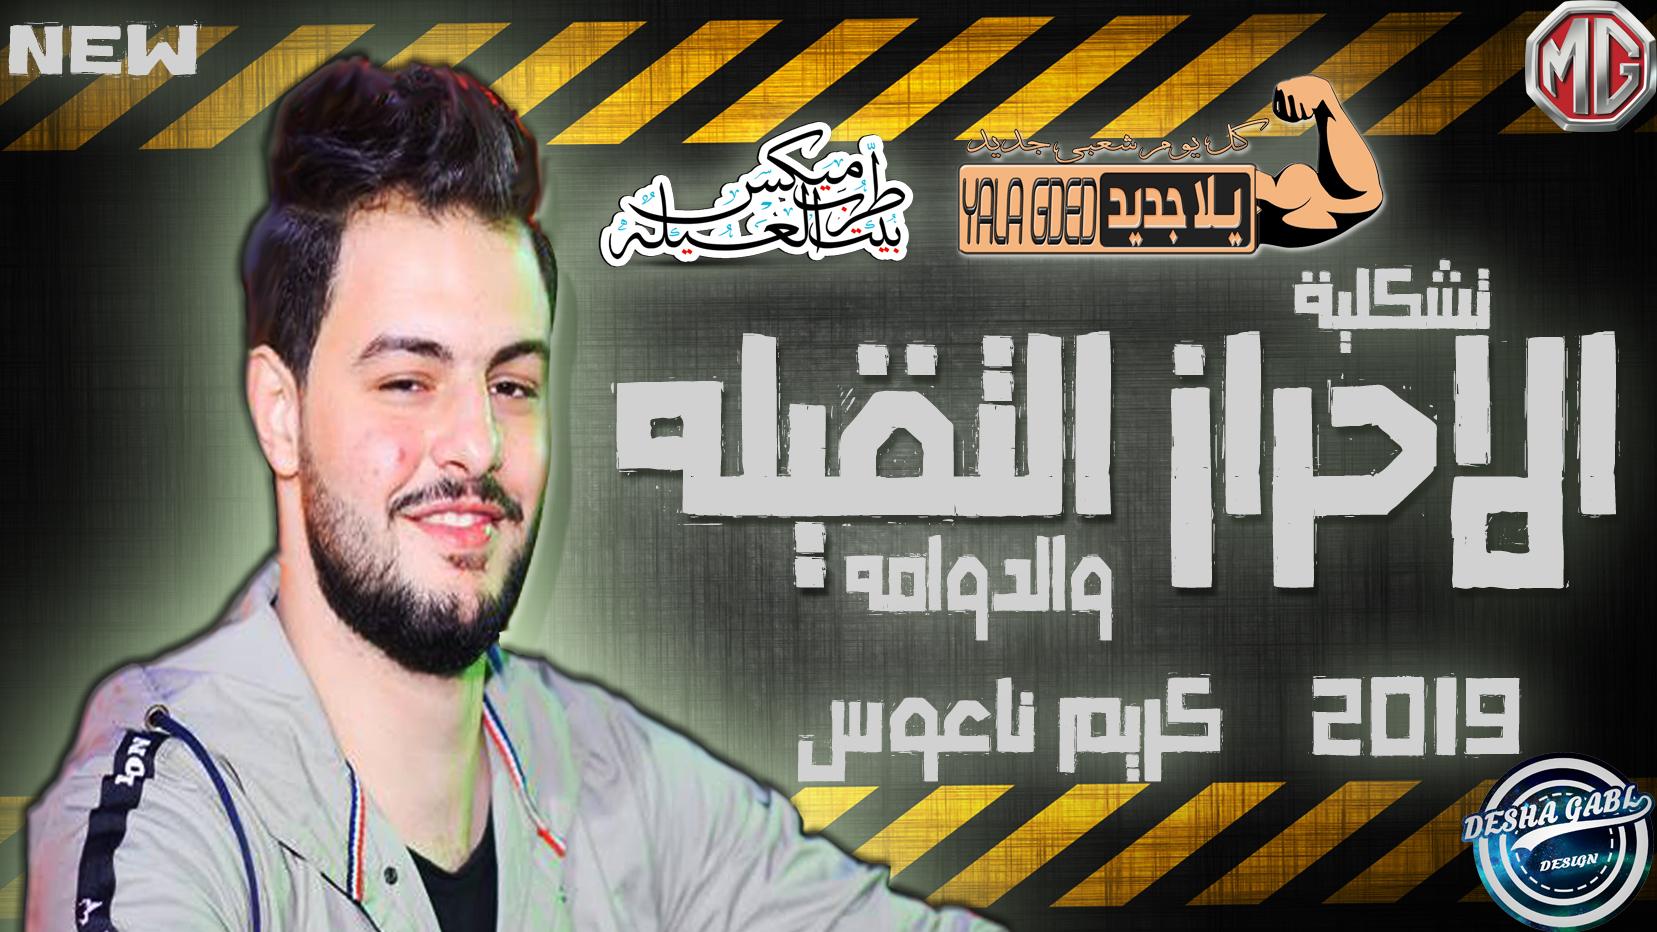 تشكلية الاحراز التقيله والدوامه | كريم ناعوس | حظ خرااااااب | جديد 2019